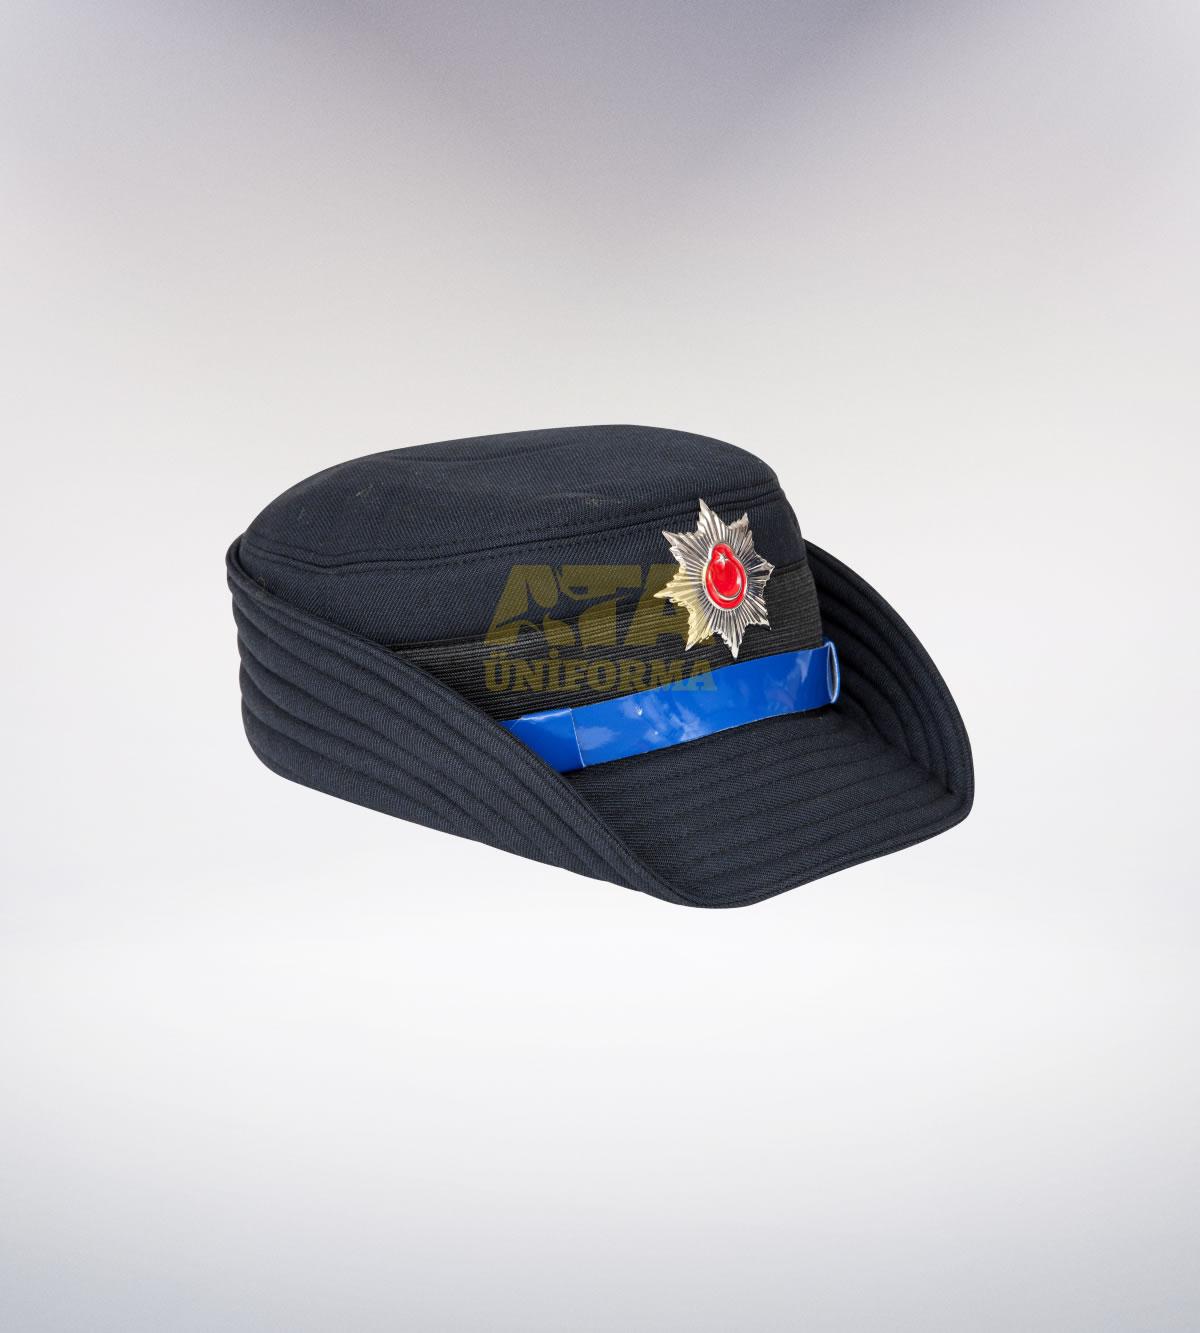 ATA-1118 Polis Tören Şapkası (Bayan) - polis elbiseleri | polis  üniformaları | polis kıyafetleri